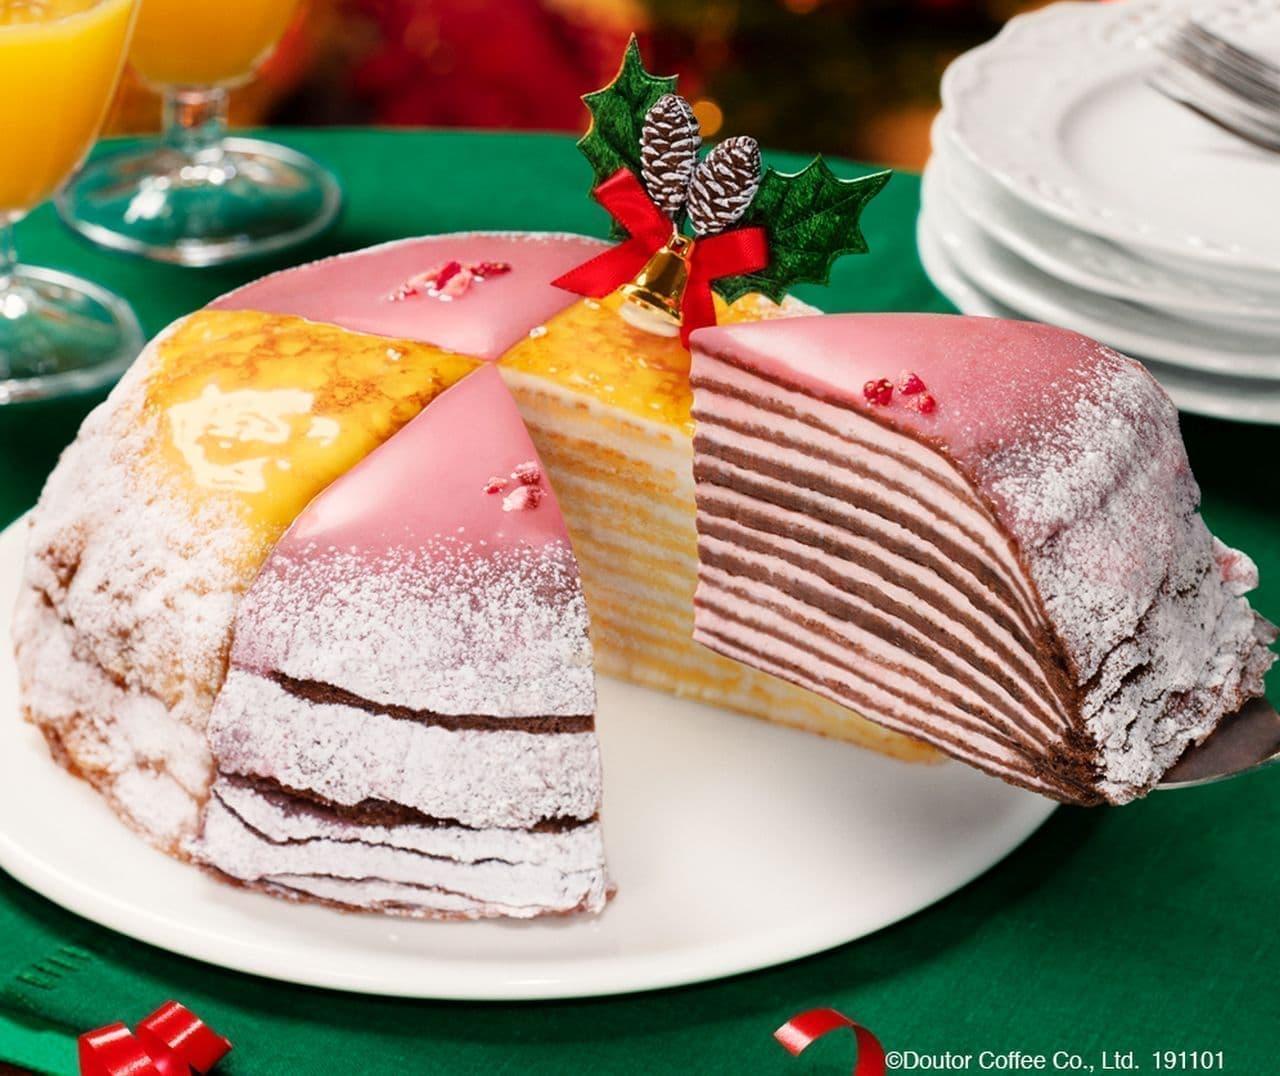 ドトールに数量・期間限定「クリスマスミルクレープ」